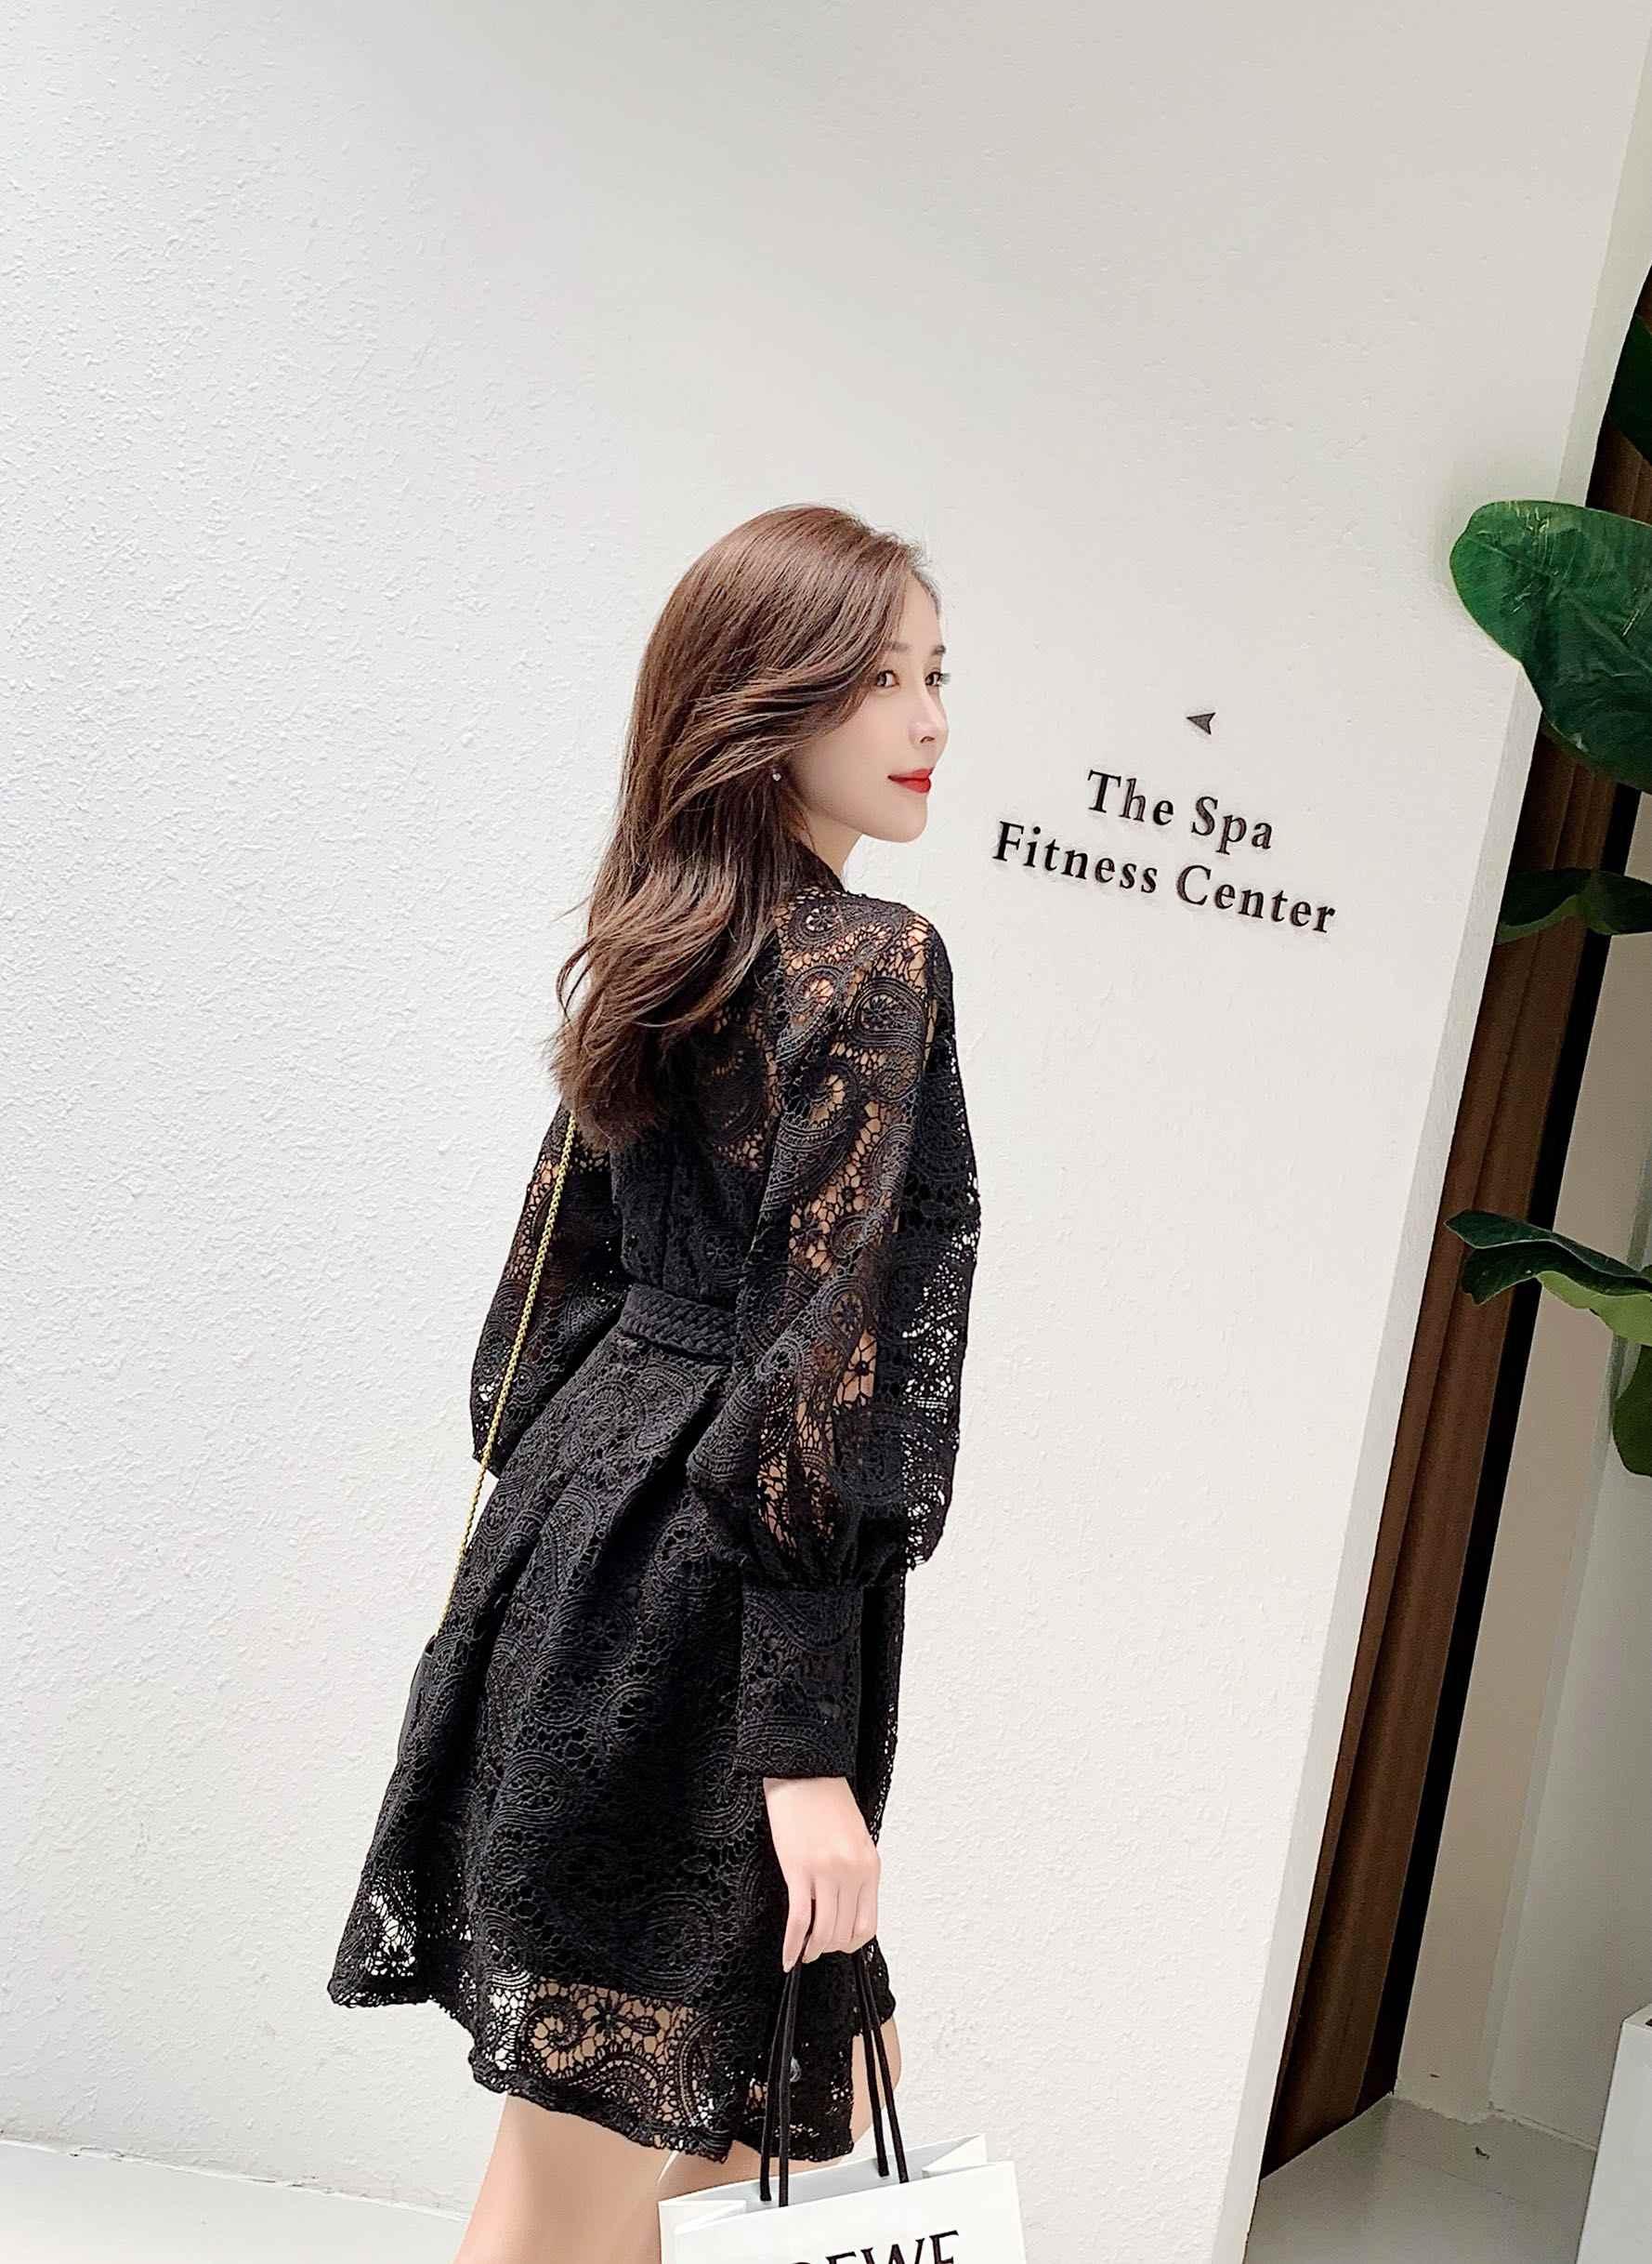 Женское кружевное подиумное платье на поясе, роскошное ажурное платье из высококачественной ткани, с воротником-стойка, рукавом-фонарик, завышенной талией, сексуальная модель для женщин 2019